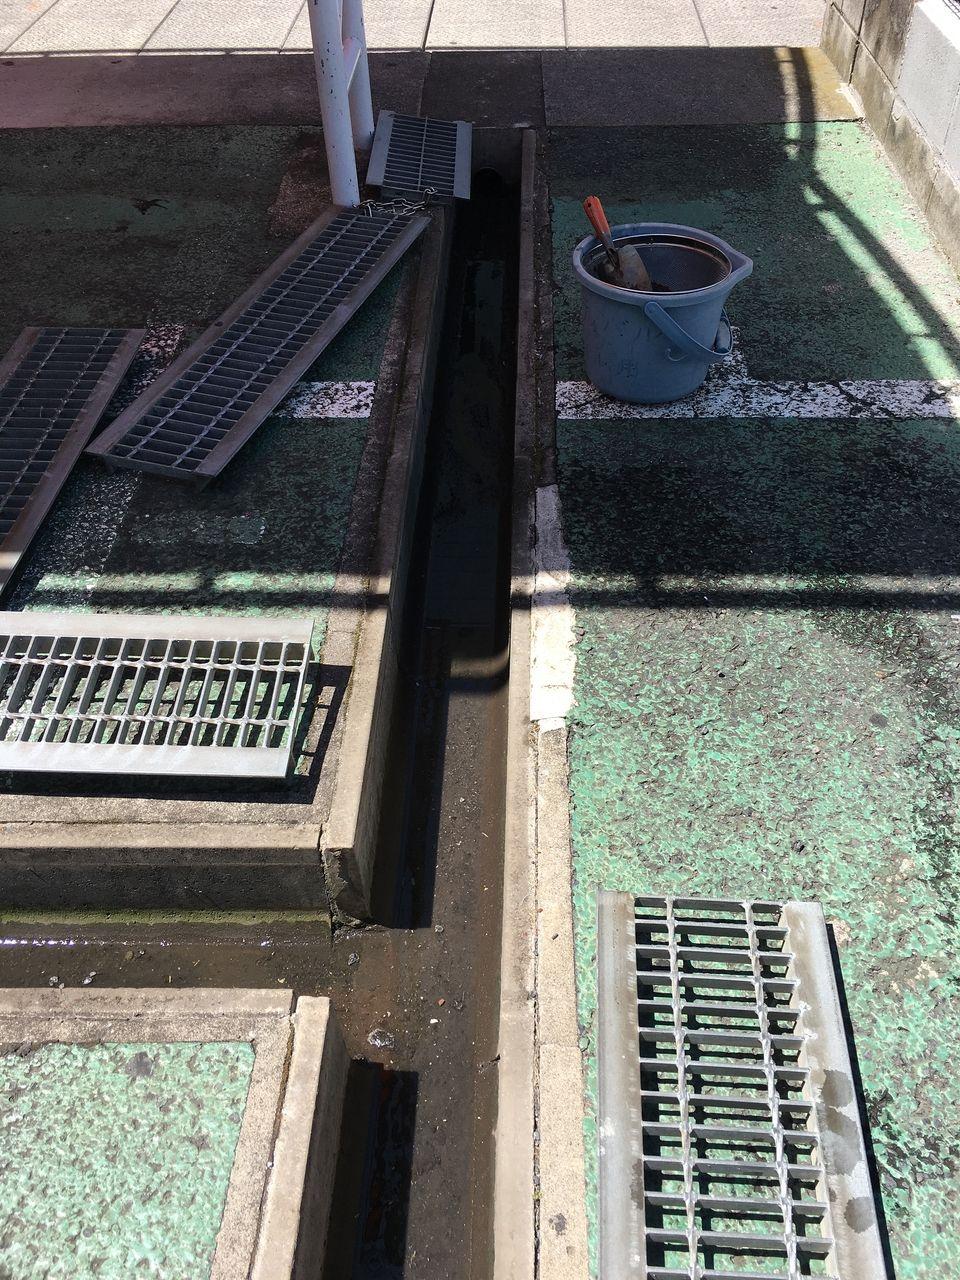 ア・ス・ヴェルデⅡ自転車置場前の排水溝清掃です!!